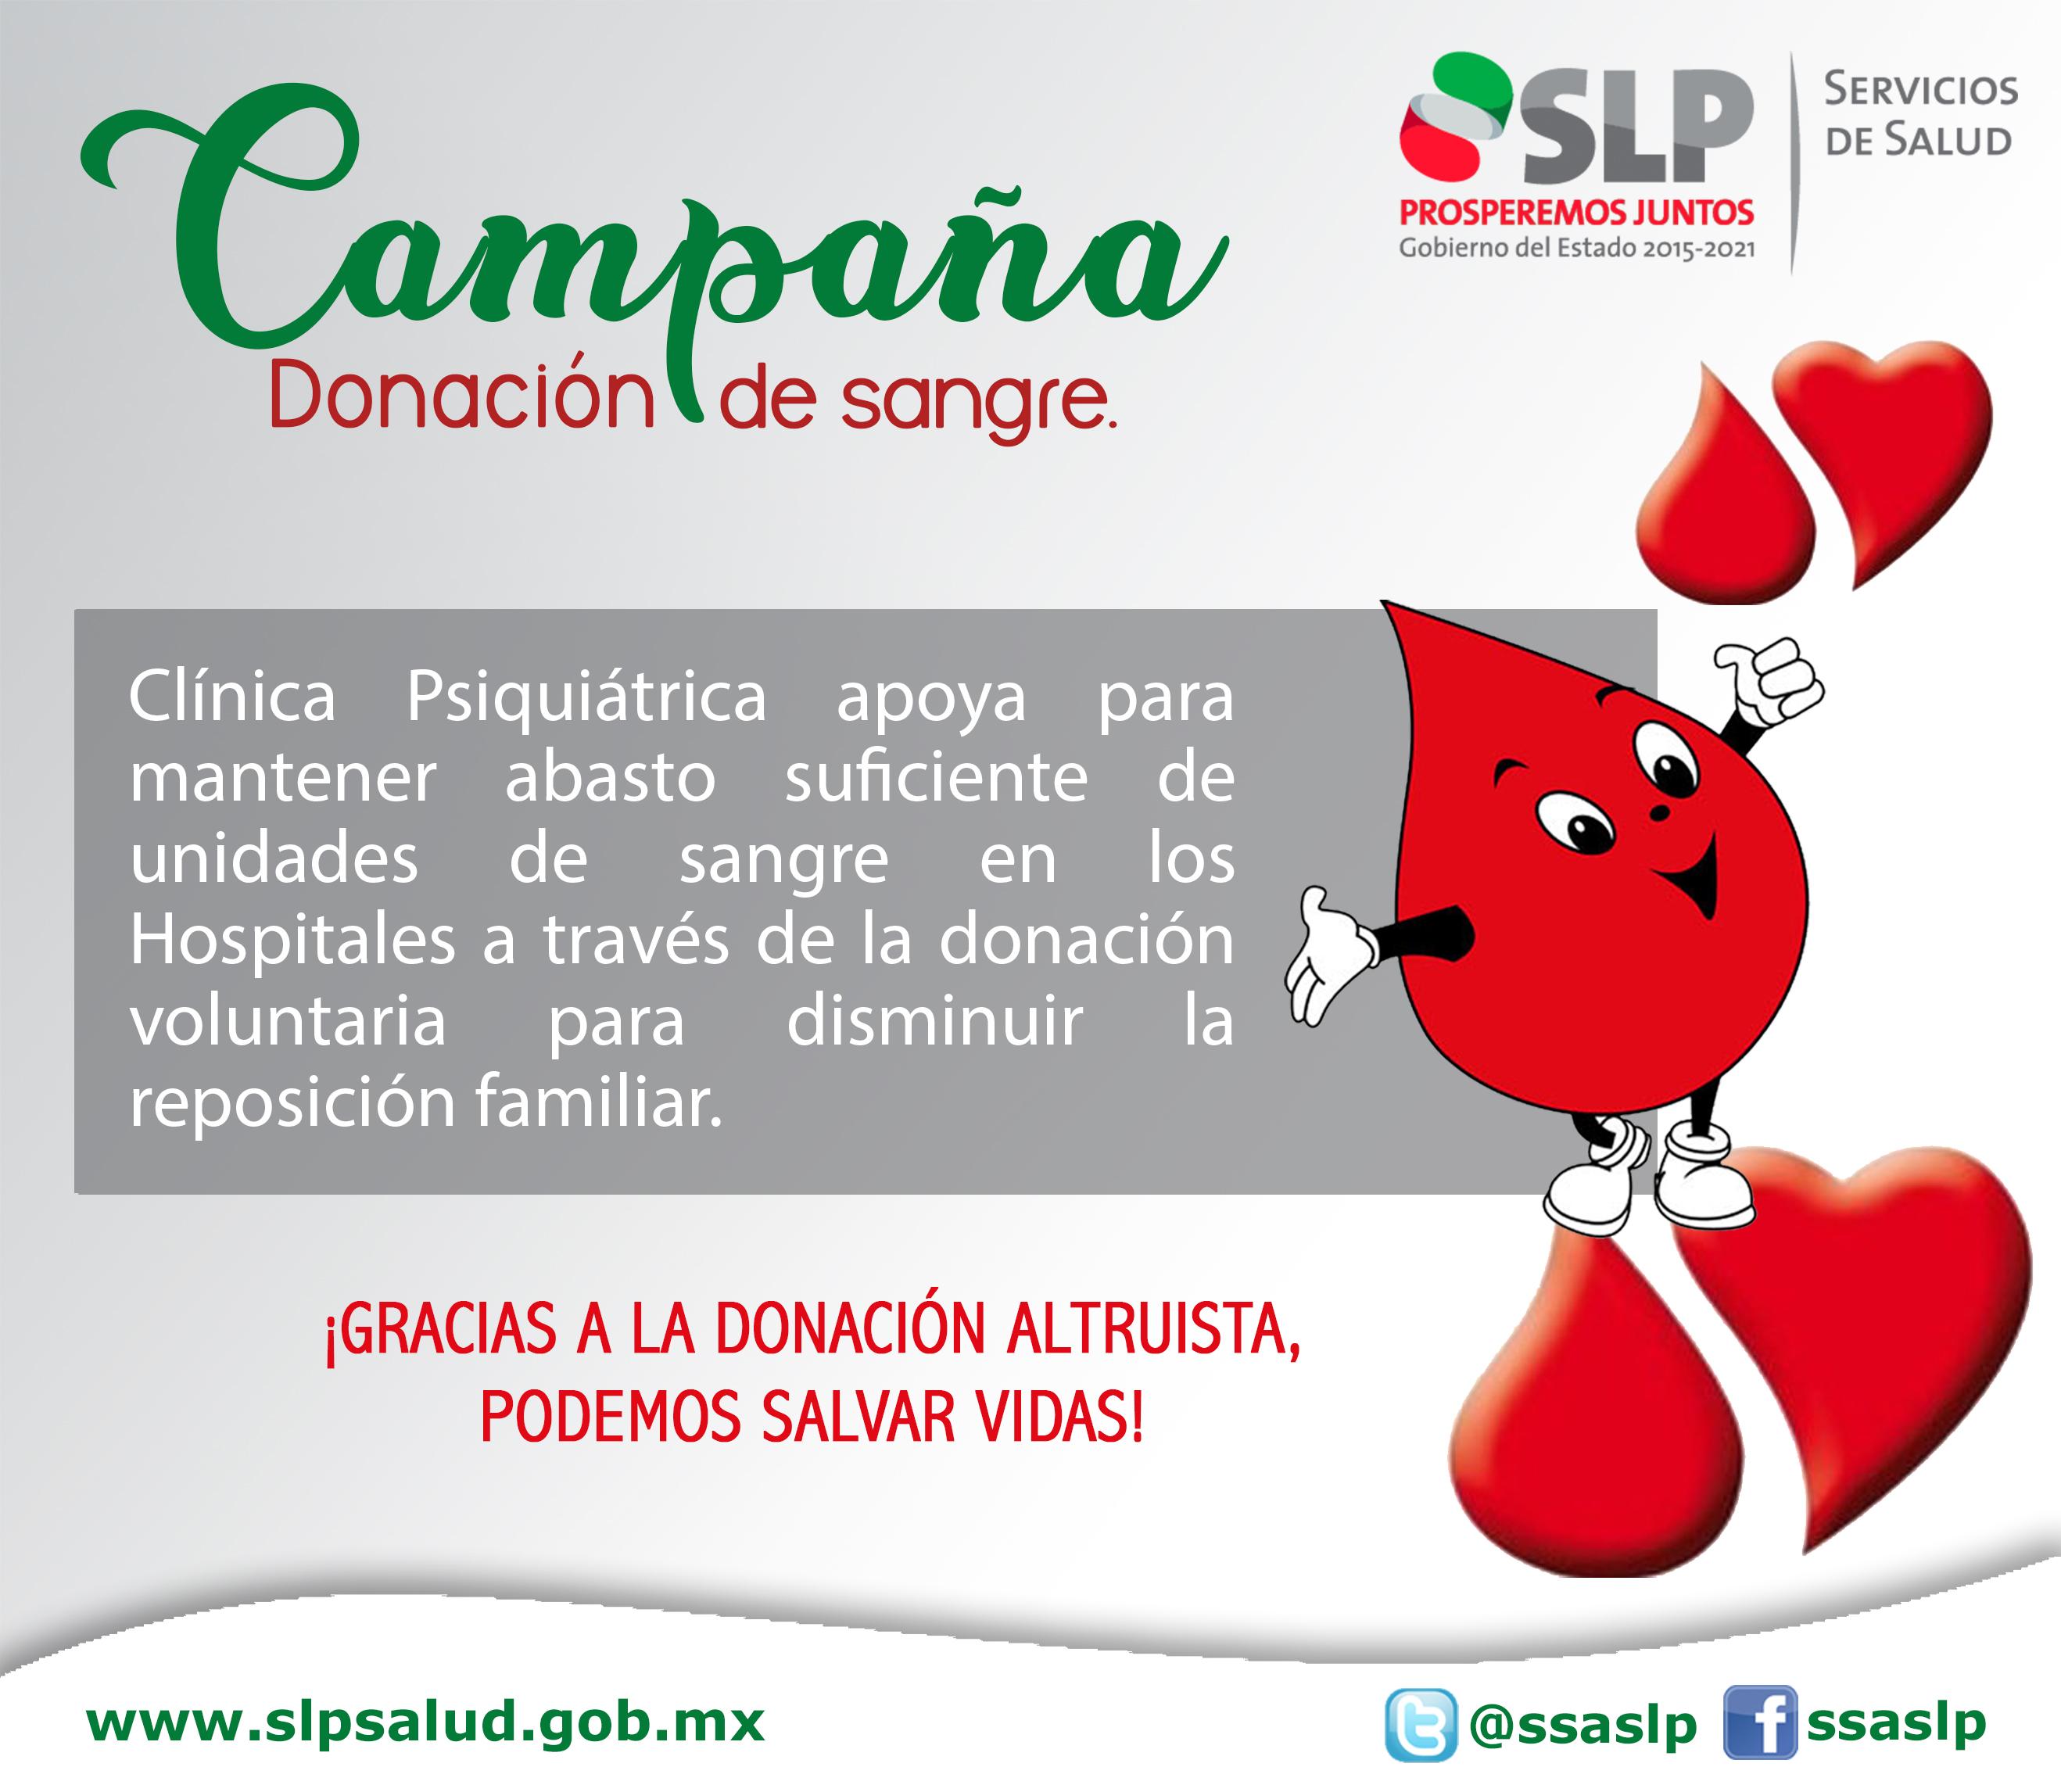 INSTA LA SECRETARÍA DE SALUD A LOS POTOSINOS A PARTICIPAR EN SU PRÓXIMA CAMPAÑA DE DONACIÓN ALTRUISTA DE SANGRE.